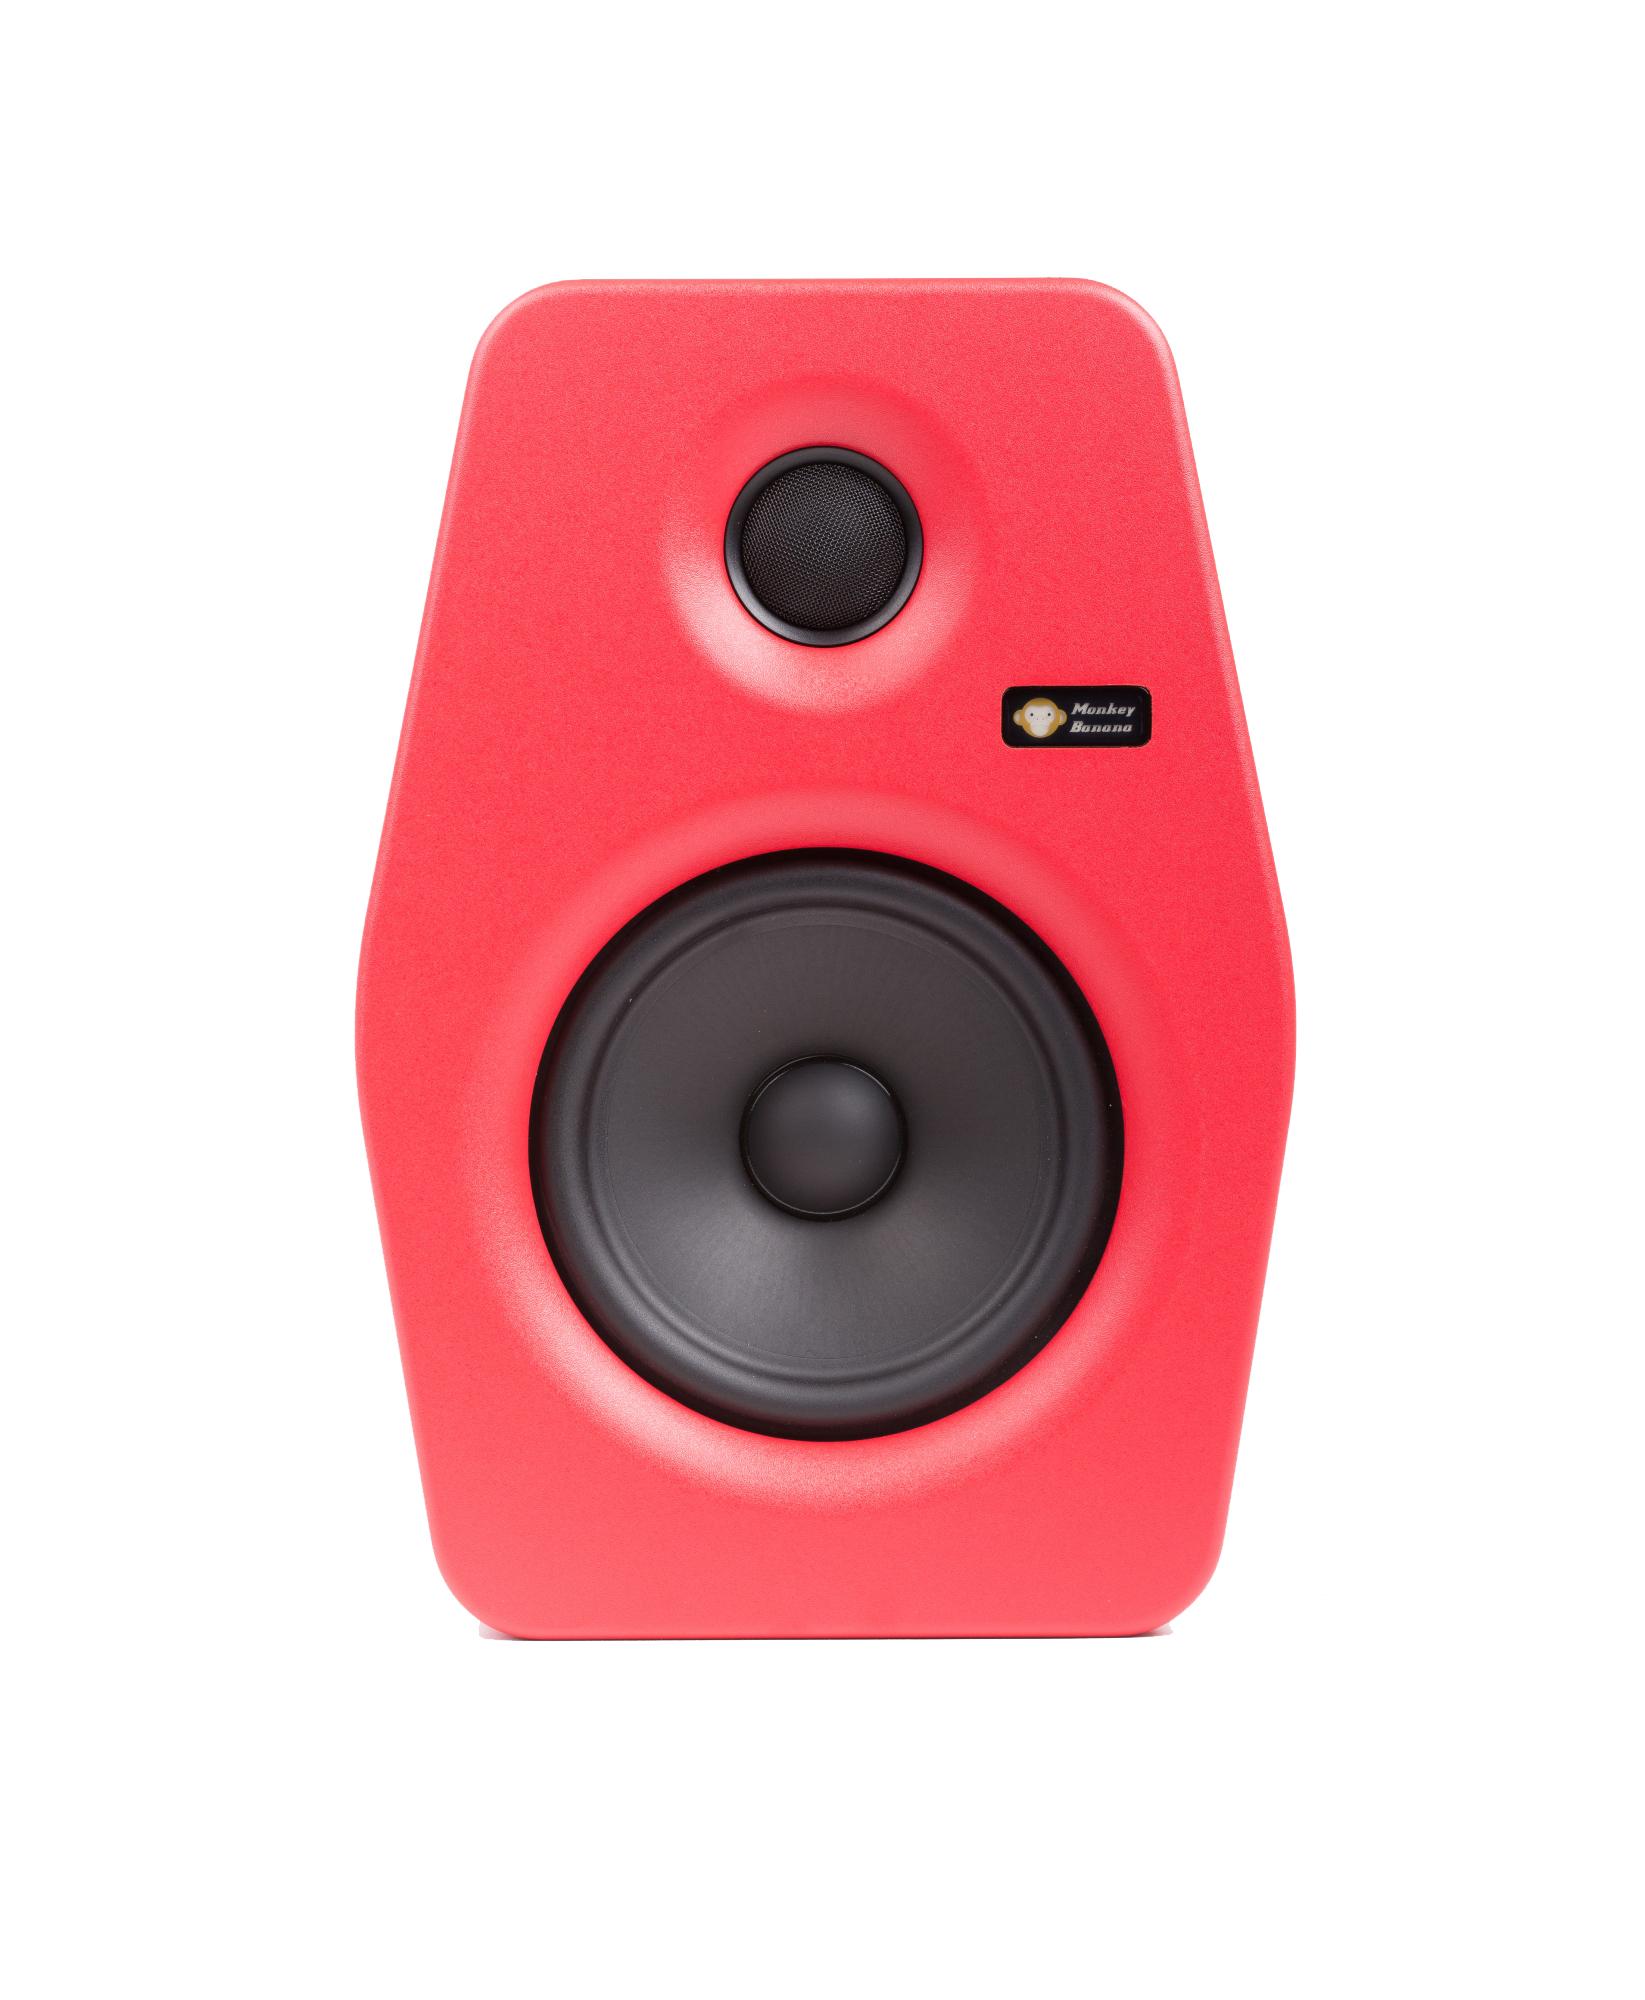 Billede af Monkey Banana Turbo 6 studie højttaler, rød